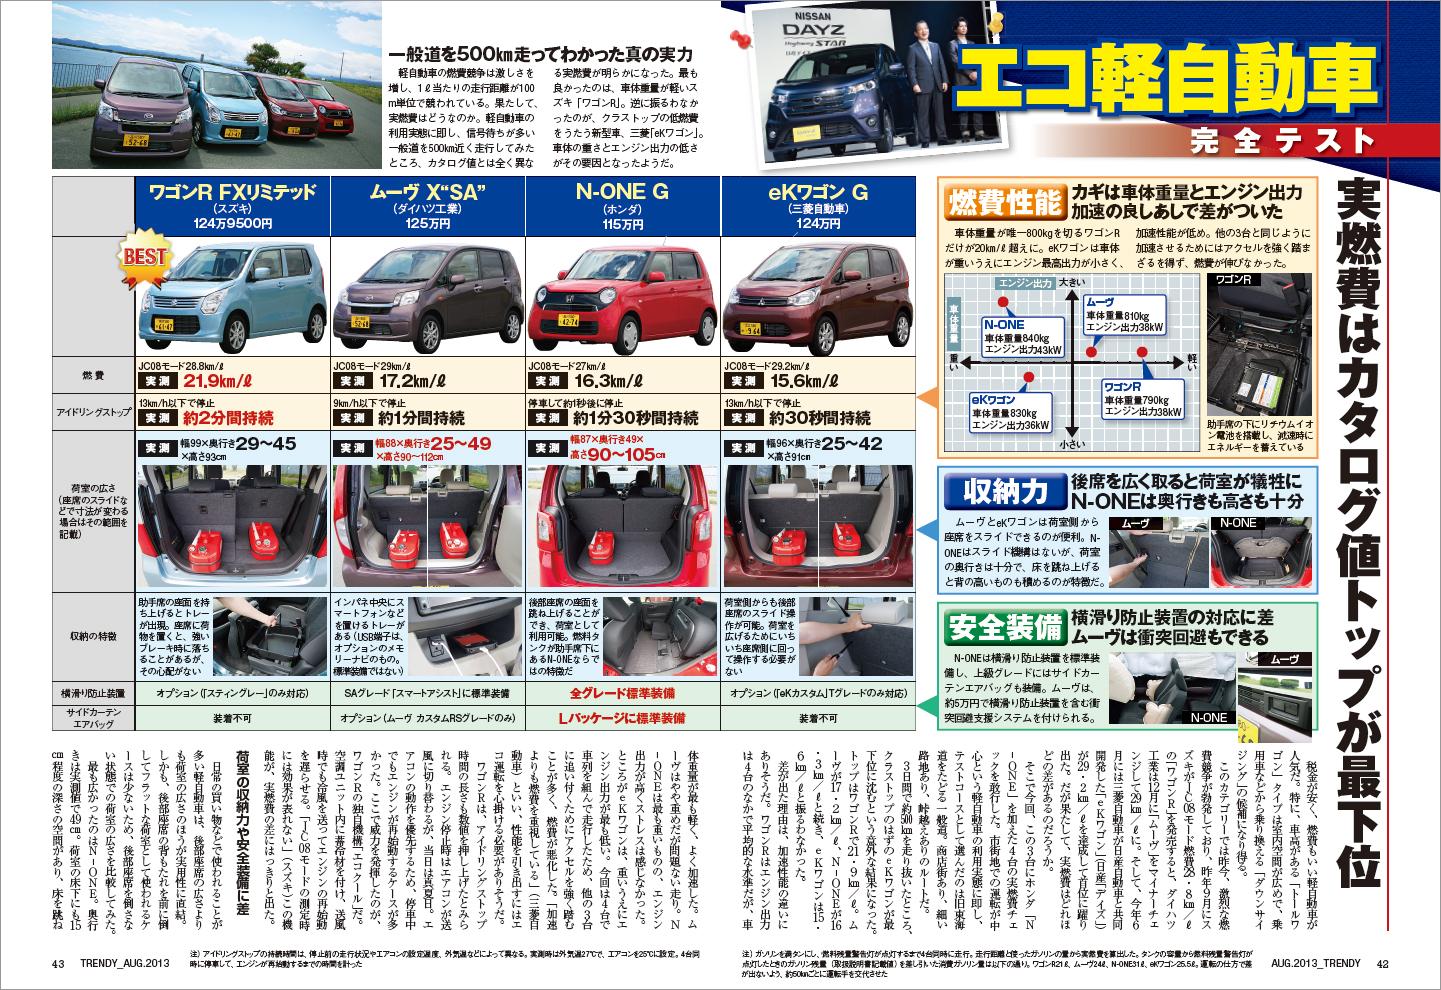 【燃費不正問題】燃費測り直したら…カタログより16%も↓ 三菱自動車 ©2ch.net ->画像>6枚